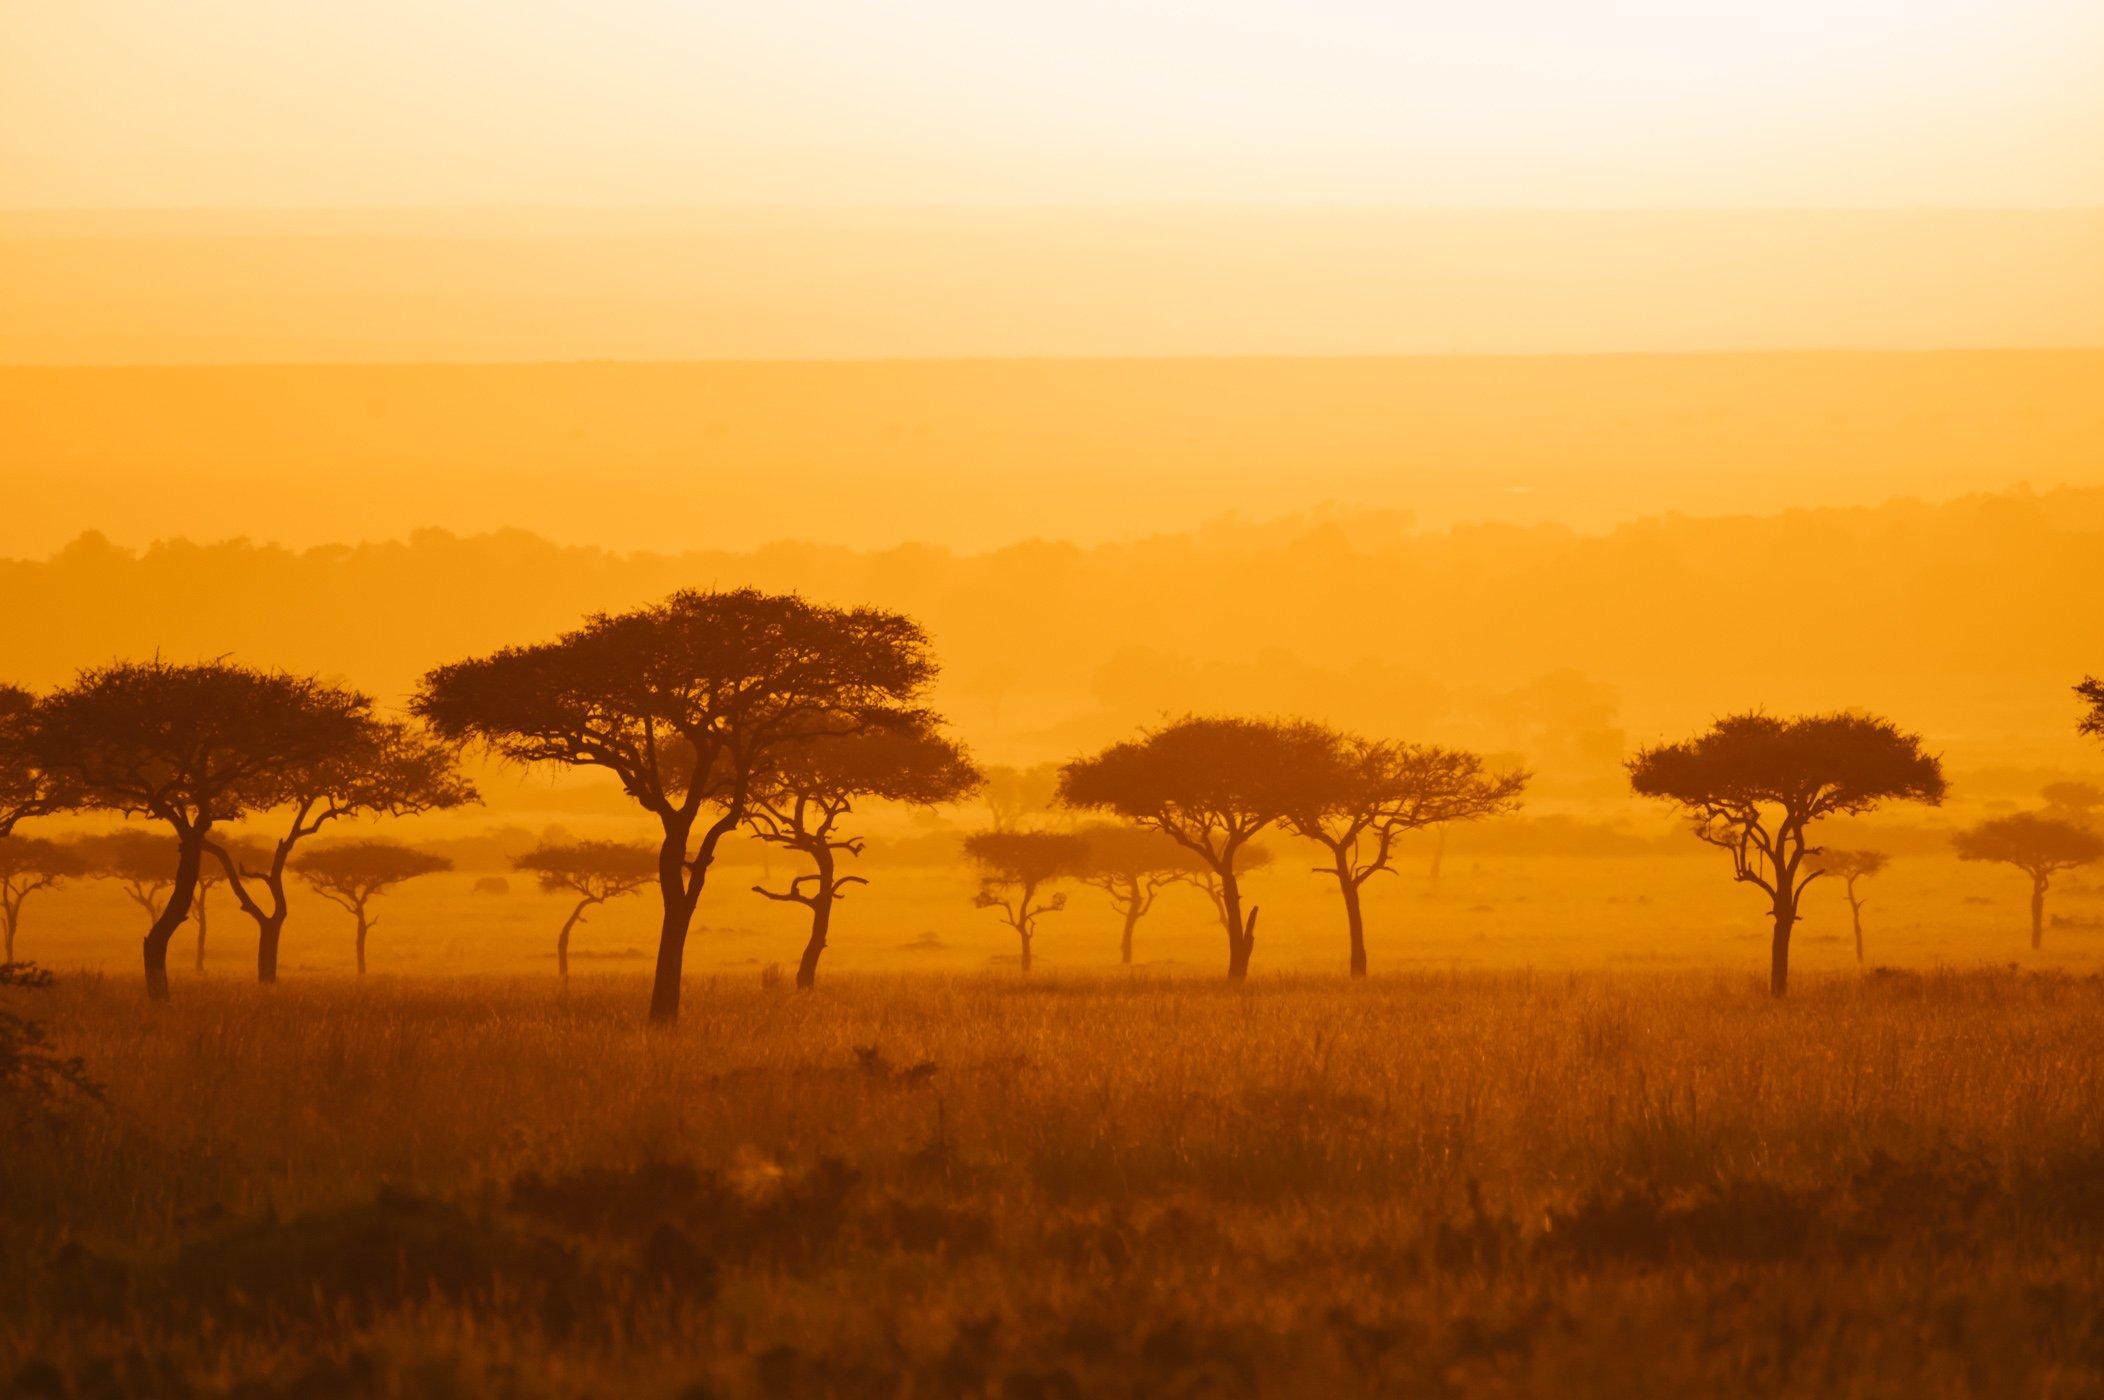 Sunrise in the Mara Triangle in Kenya